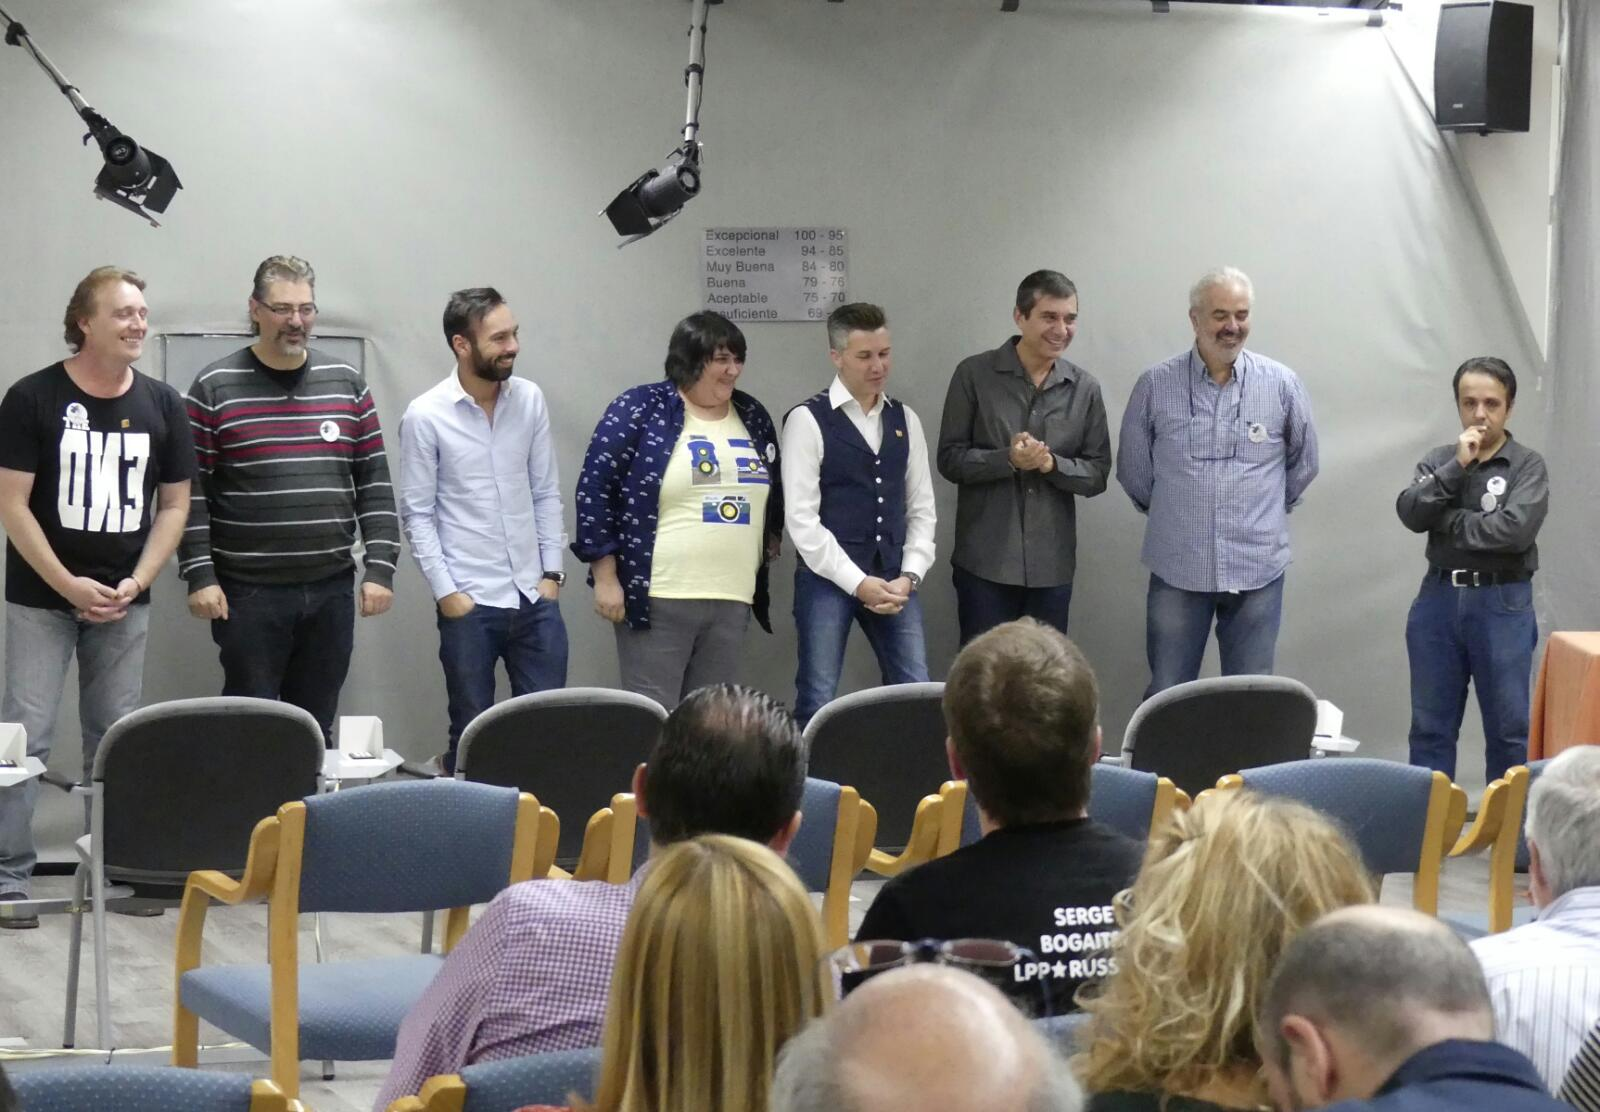 presentacion-jueces-2016